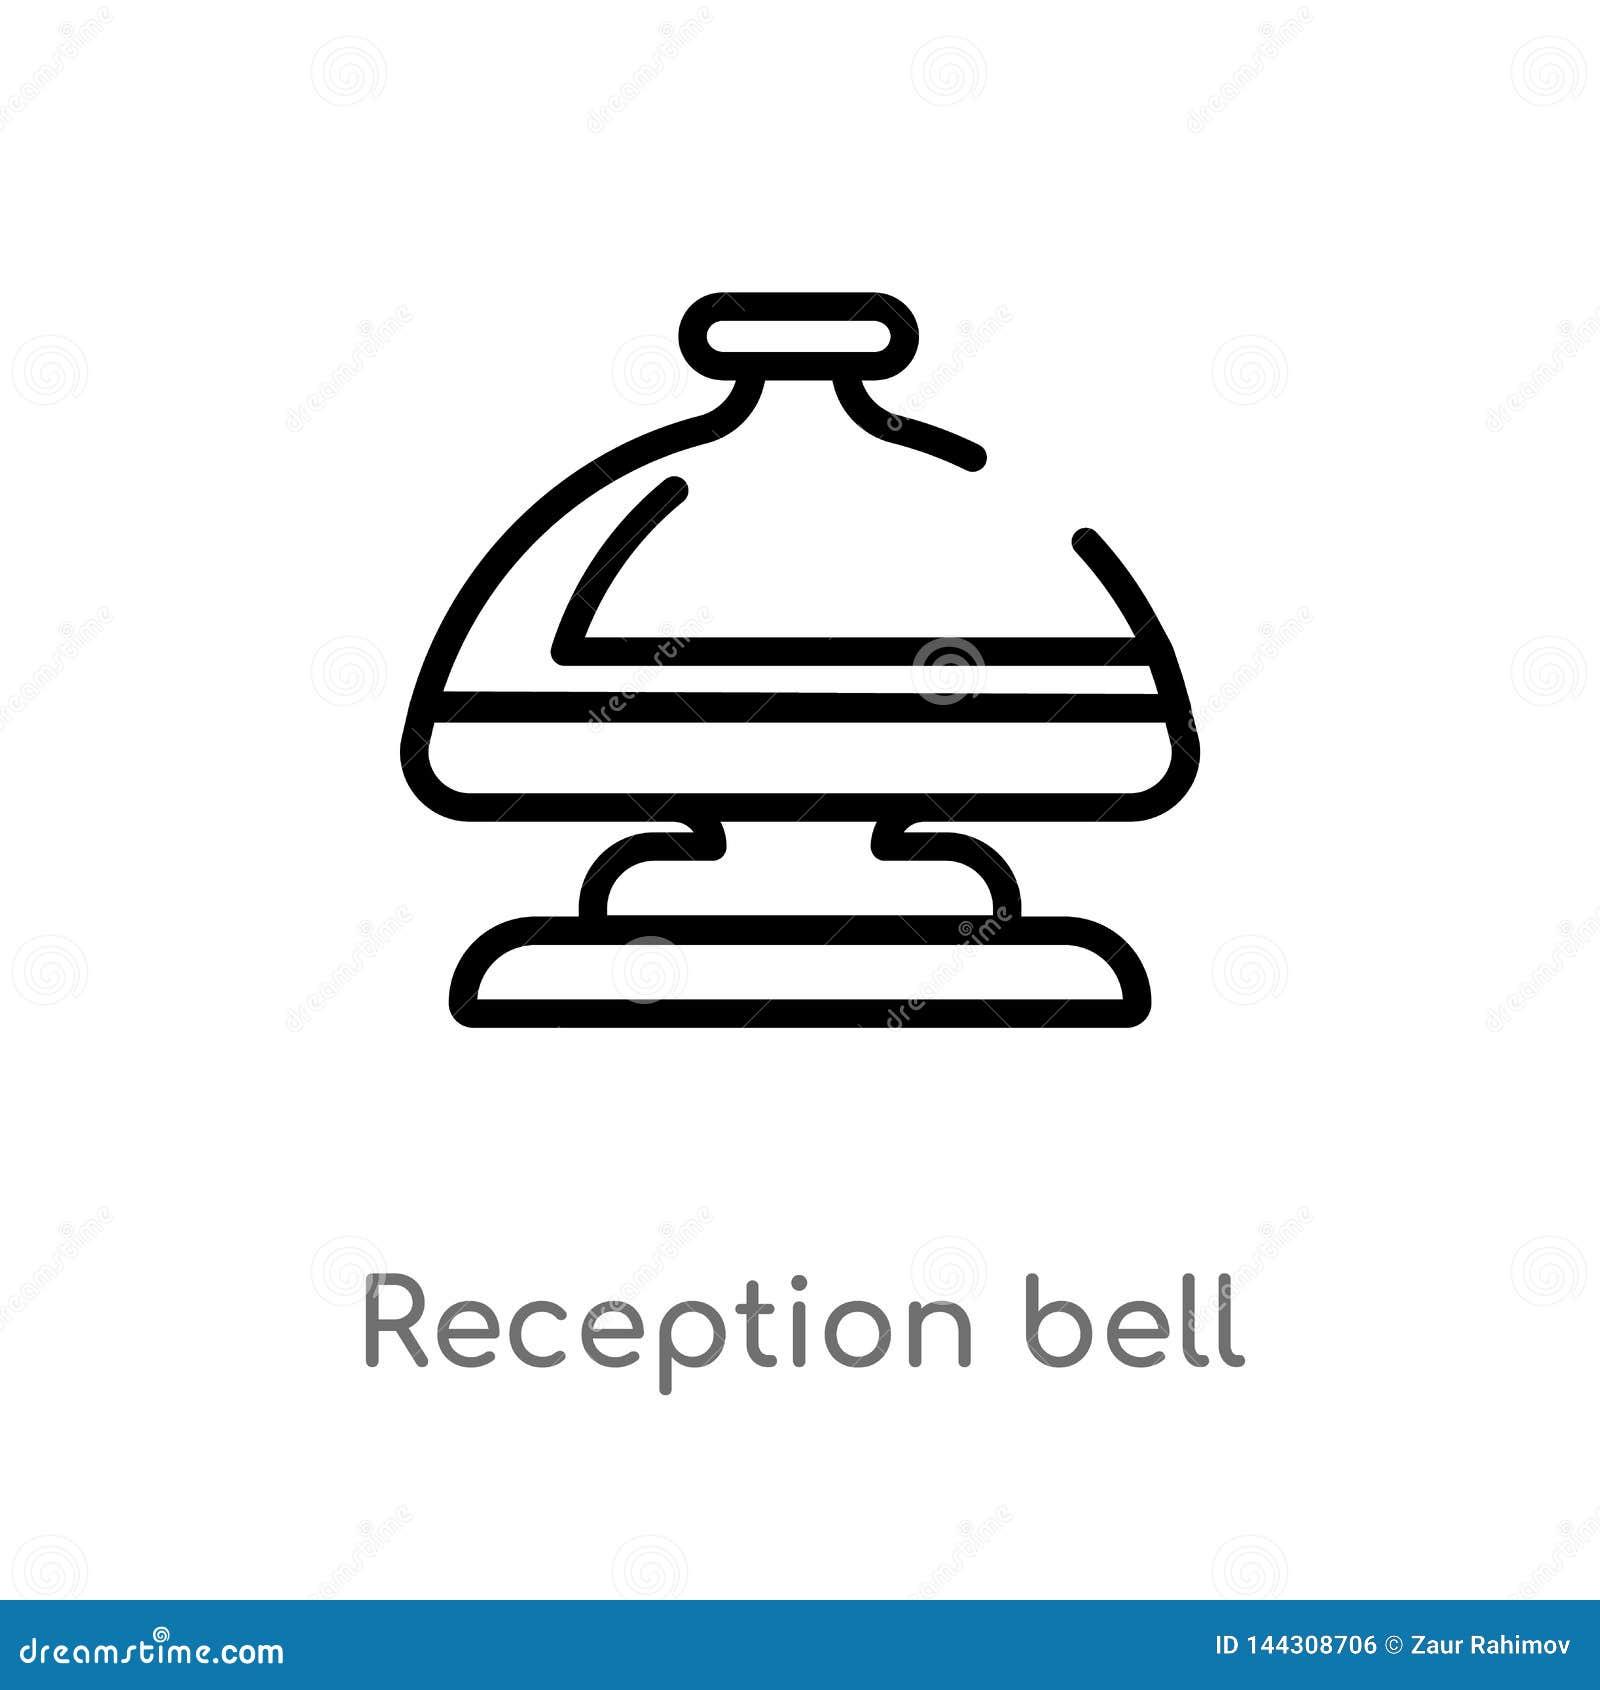 Icono del vector de la campana de la recepci?n del esquema l?nea simple negra aislada ejemplo del elemento del concepto del hotel